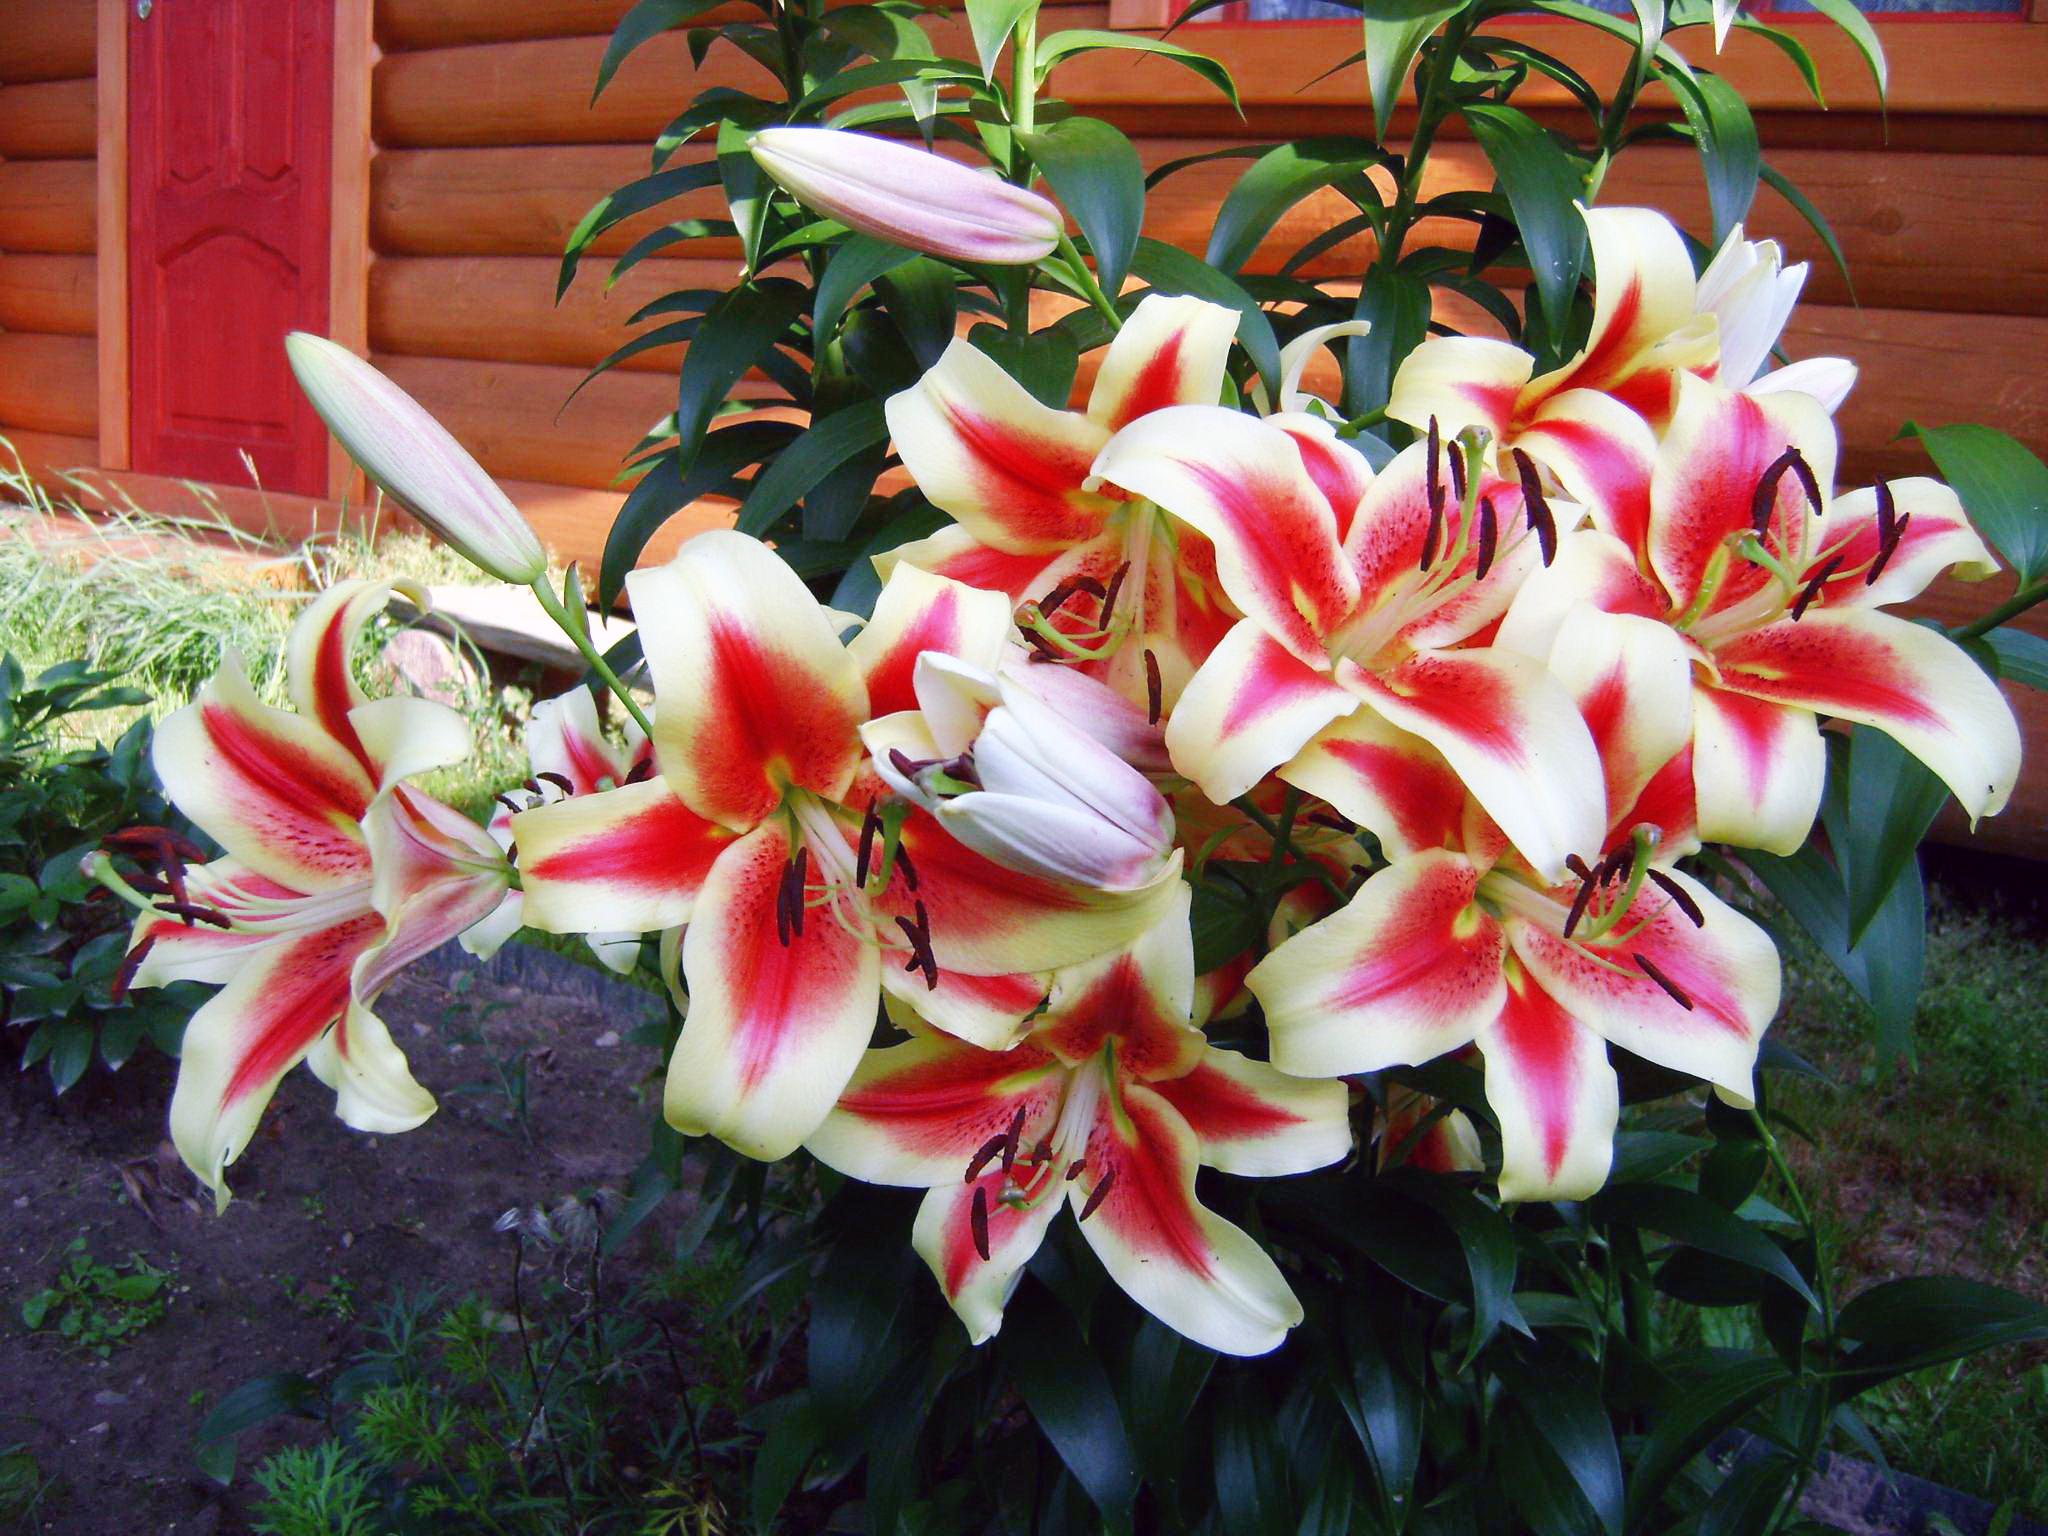 Лилия, обои на телефон природа цветы, hd заставки, 2048 на 1536 пикселей